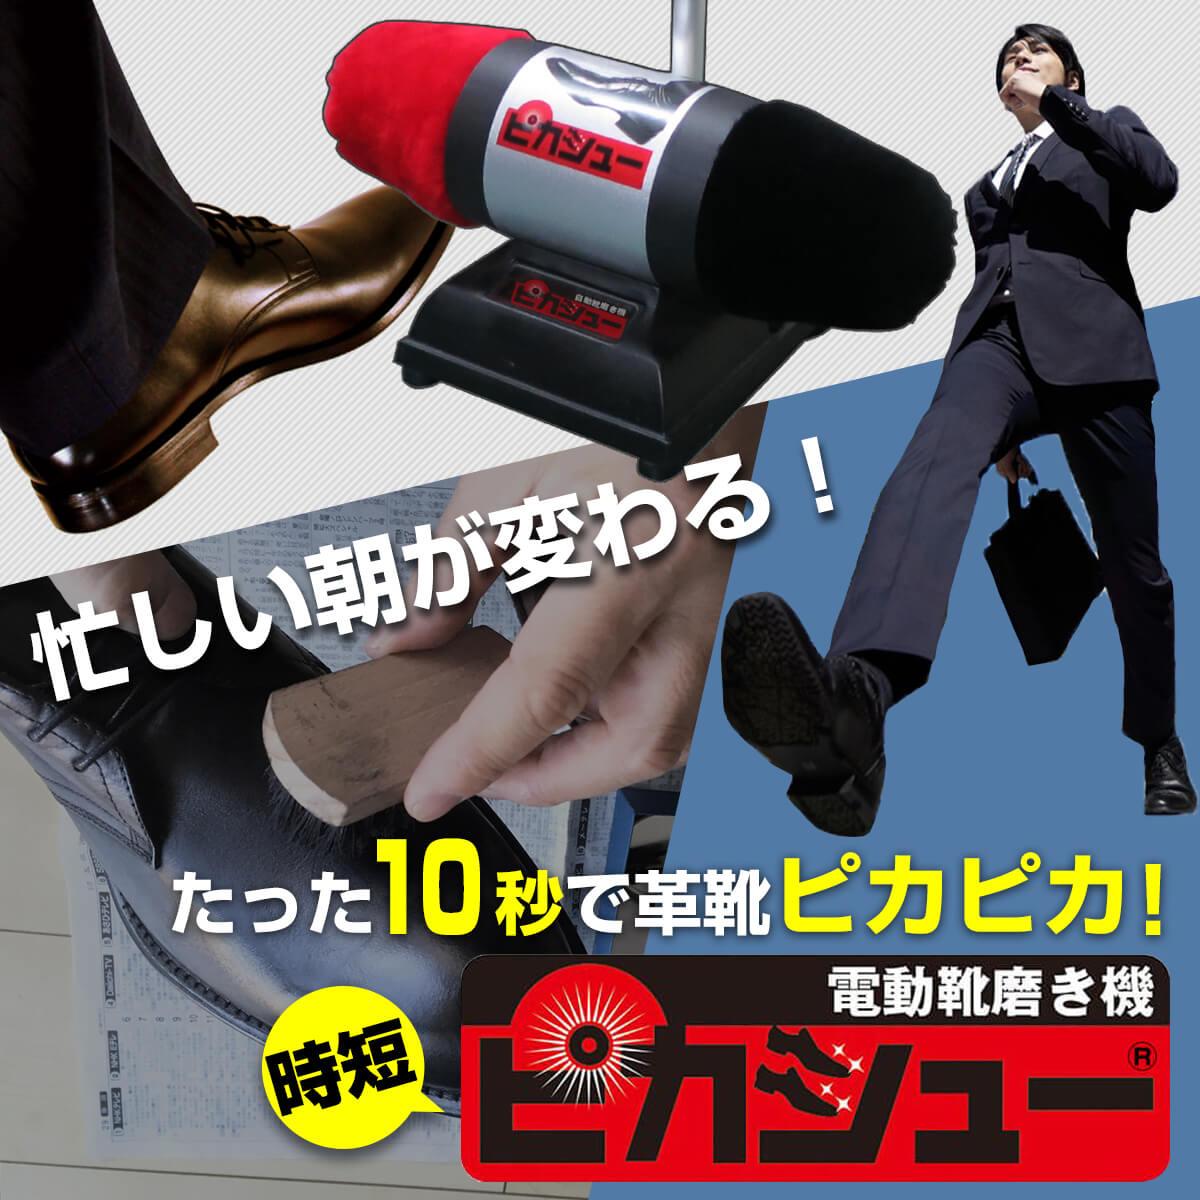 電動靴磨き機ピカシュー ぴかしゅー ピカチュー